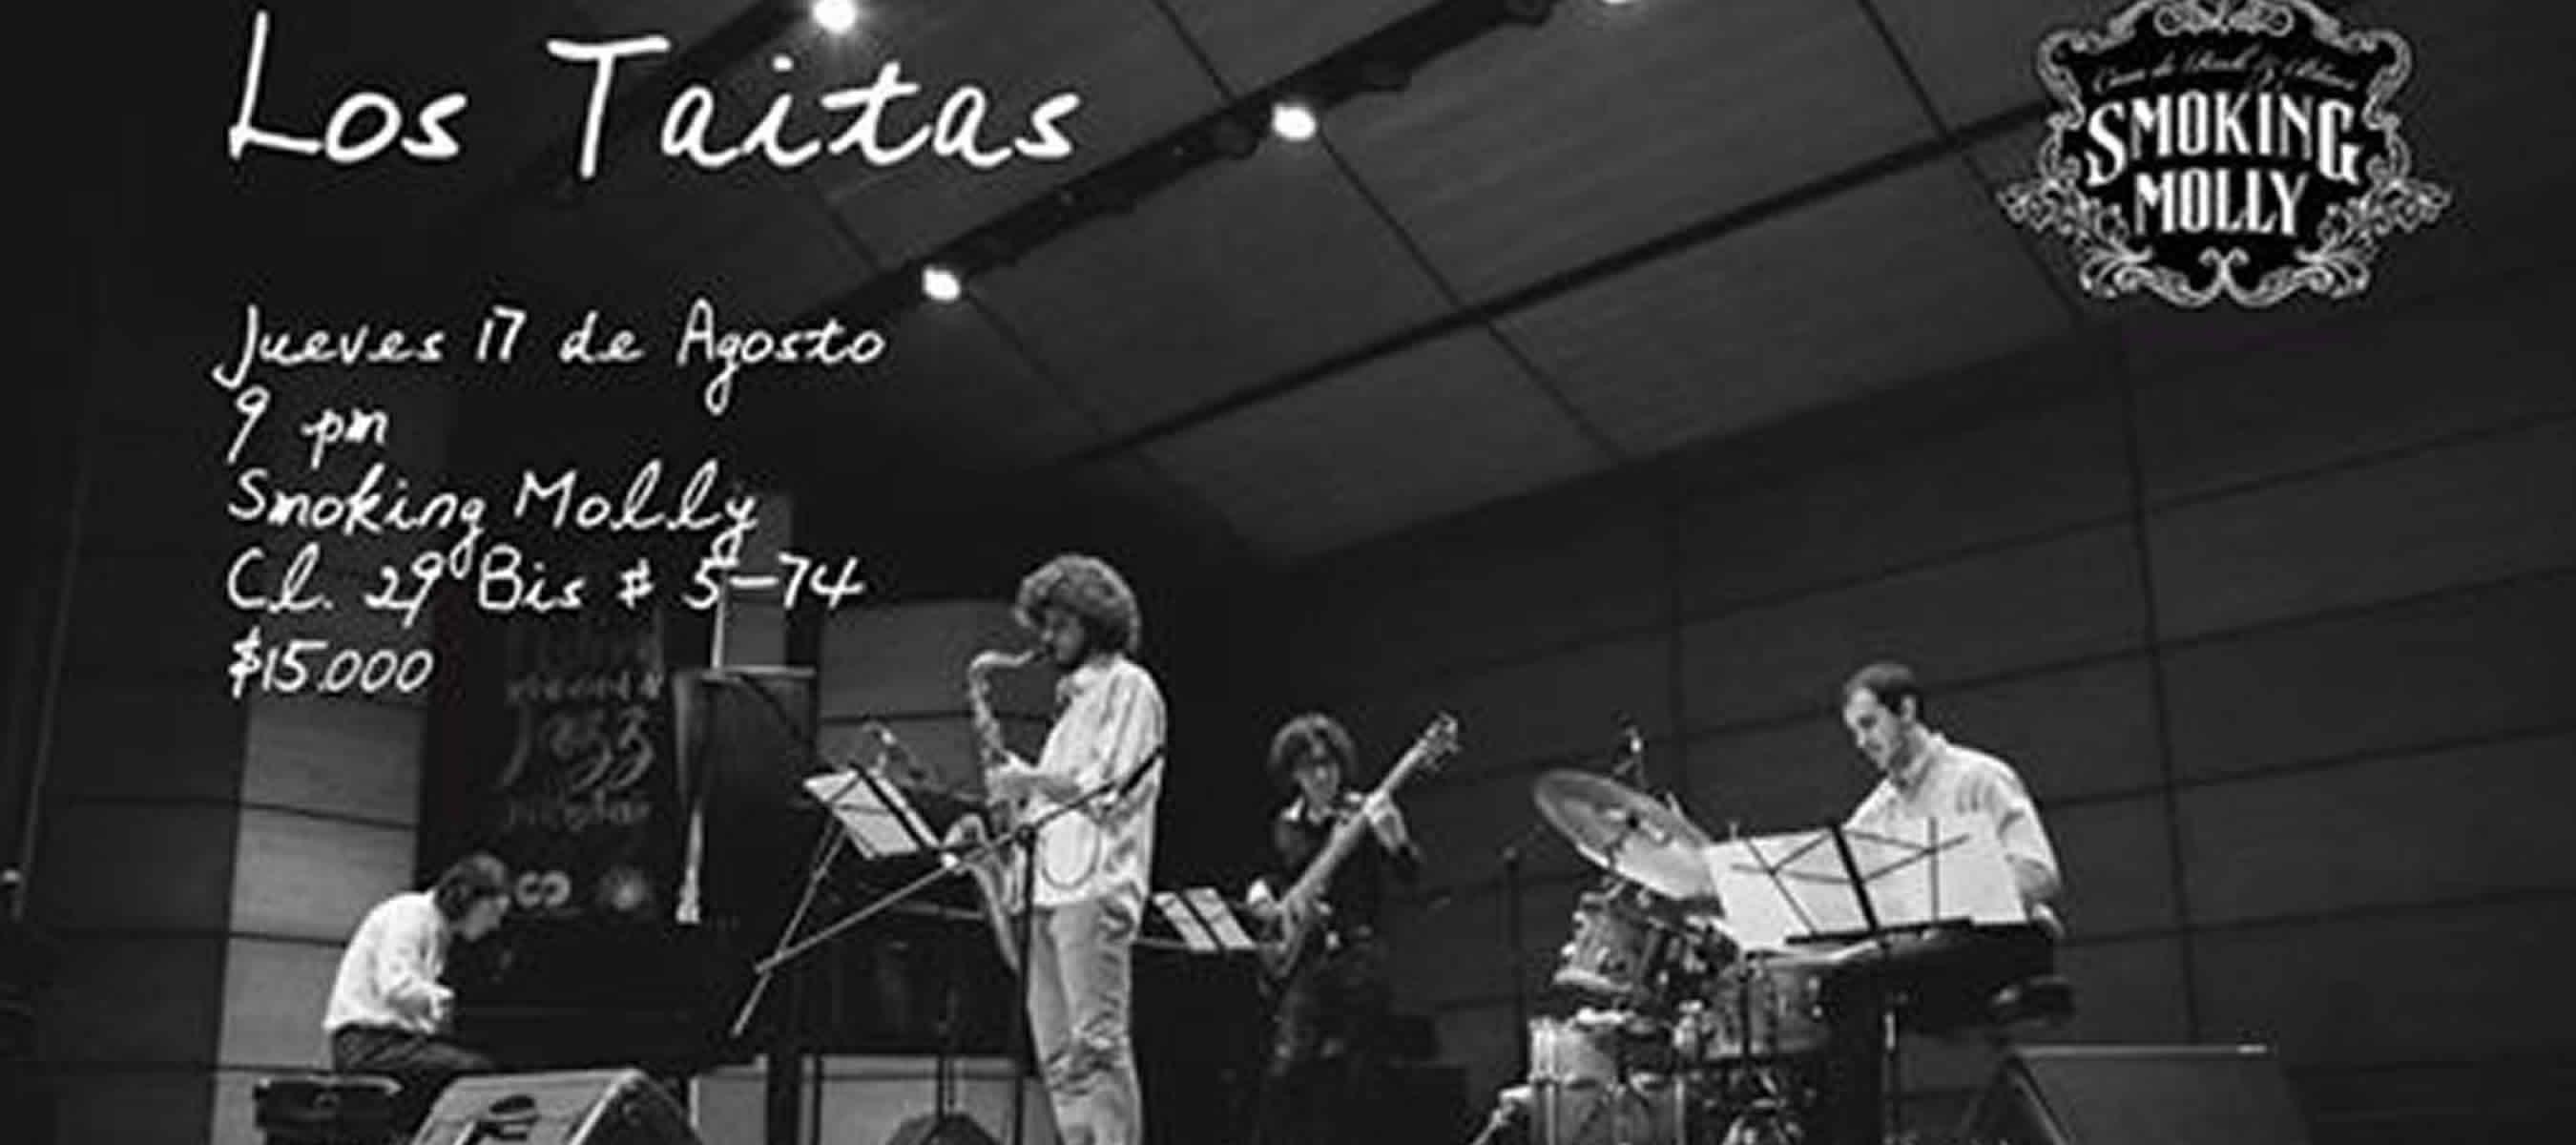 Los Taitas jazz